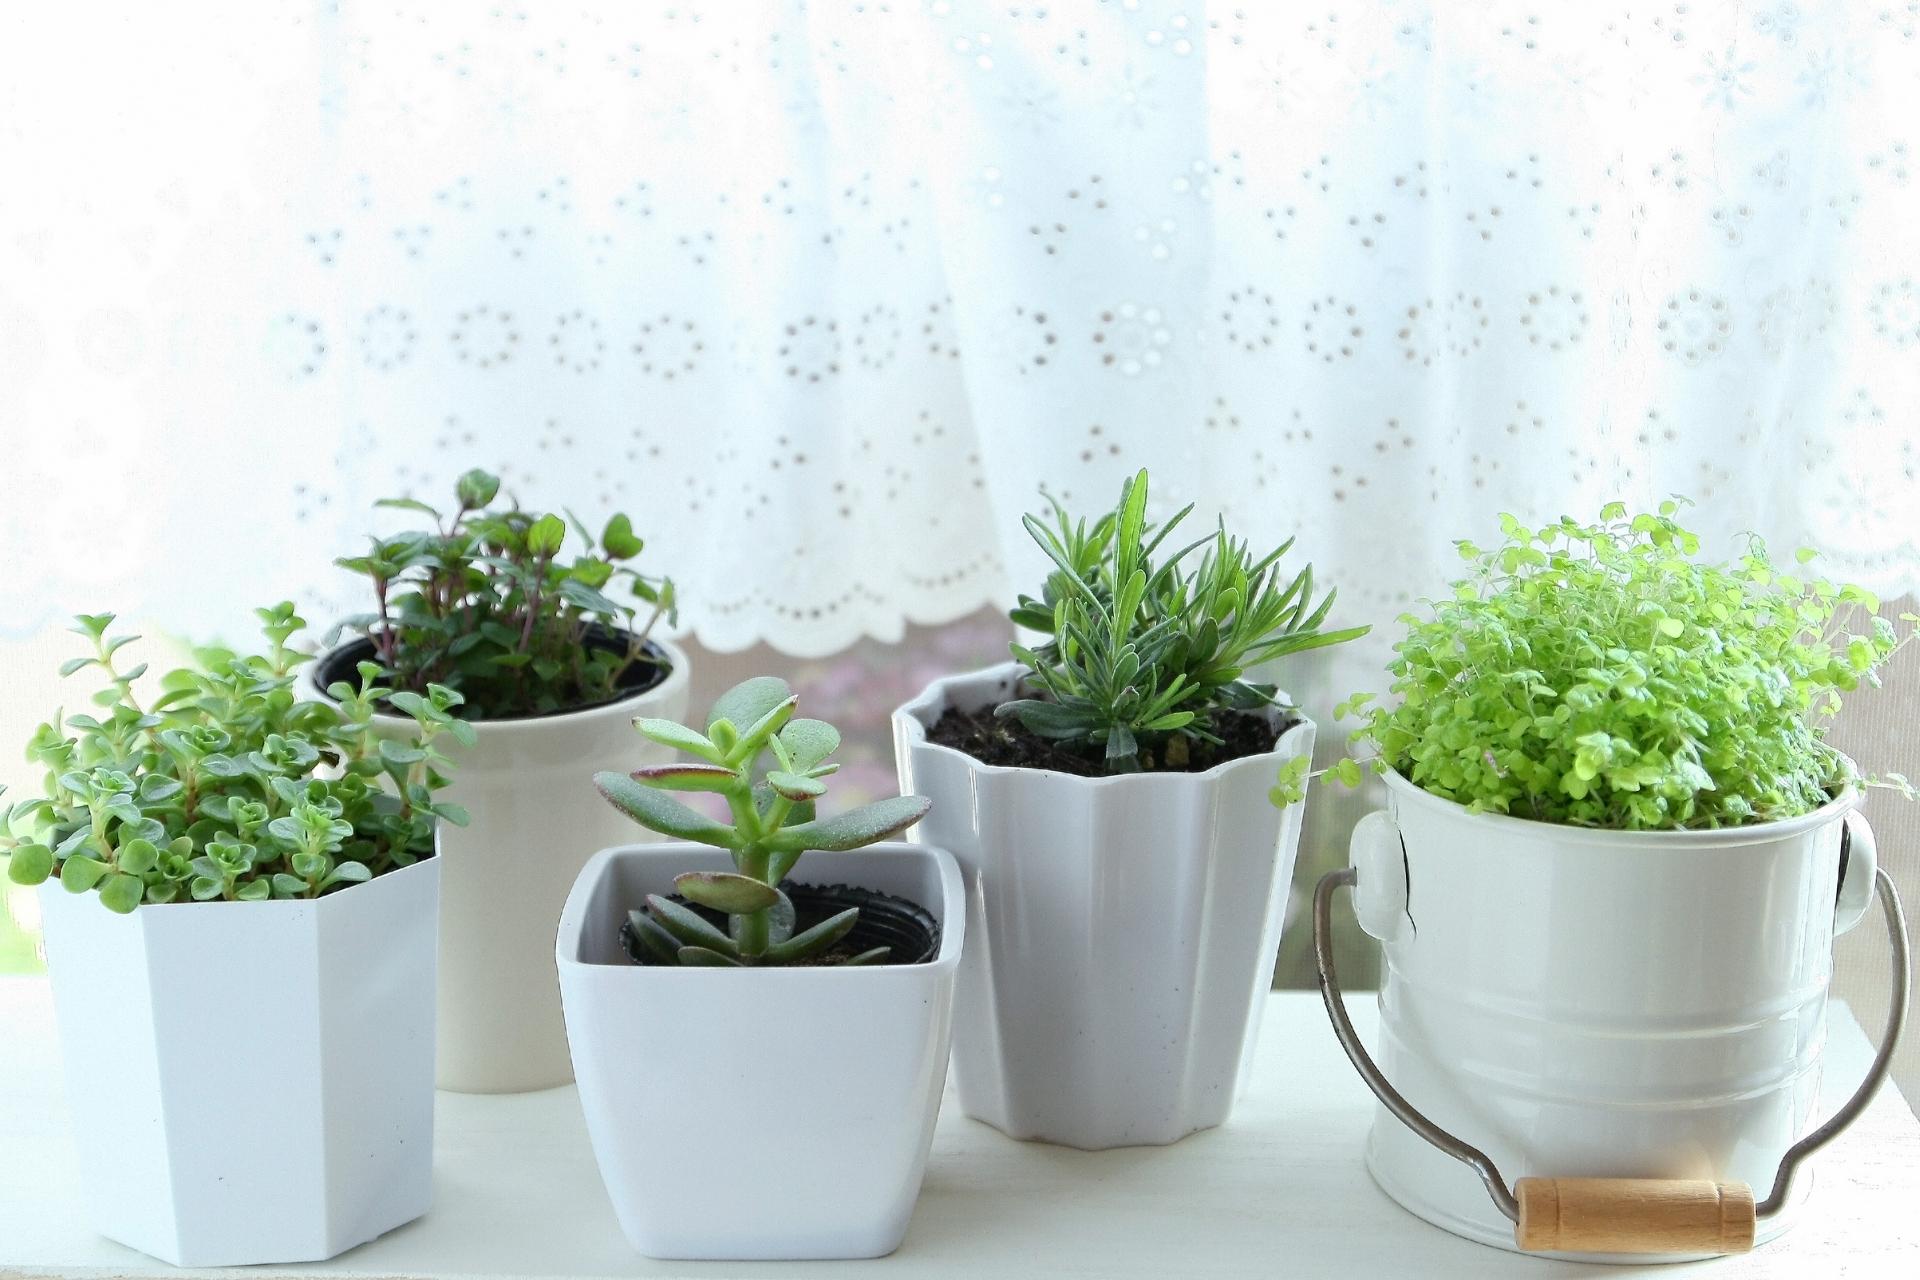 多肉植物の育て方に問題あり?伸びた観葉植物の救済方法を紹介